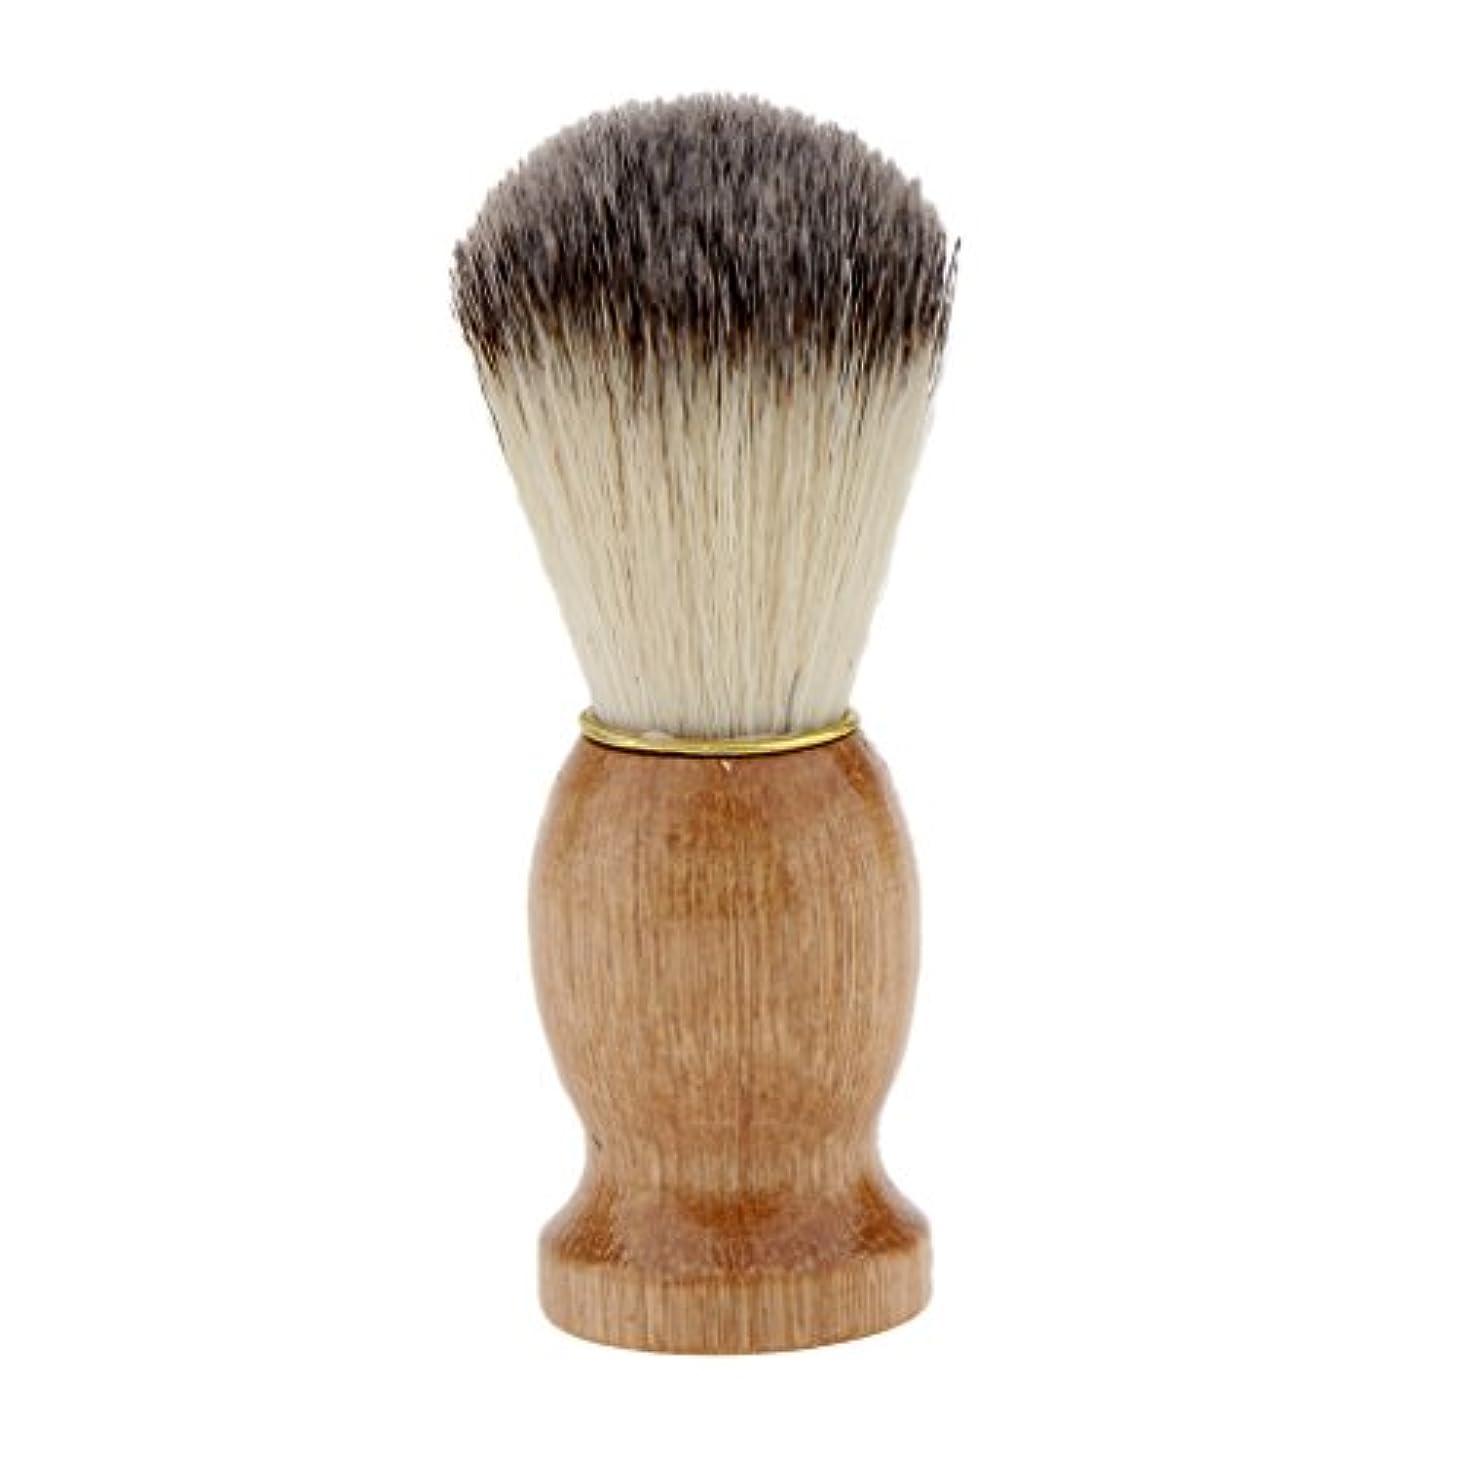 我慢する憂鬱無傷シェービングブラシ ひげ剃りブラシ 洗顔 コスメブラシ 木製ハンドル メンズ 高品質 プレゼント